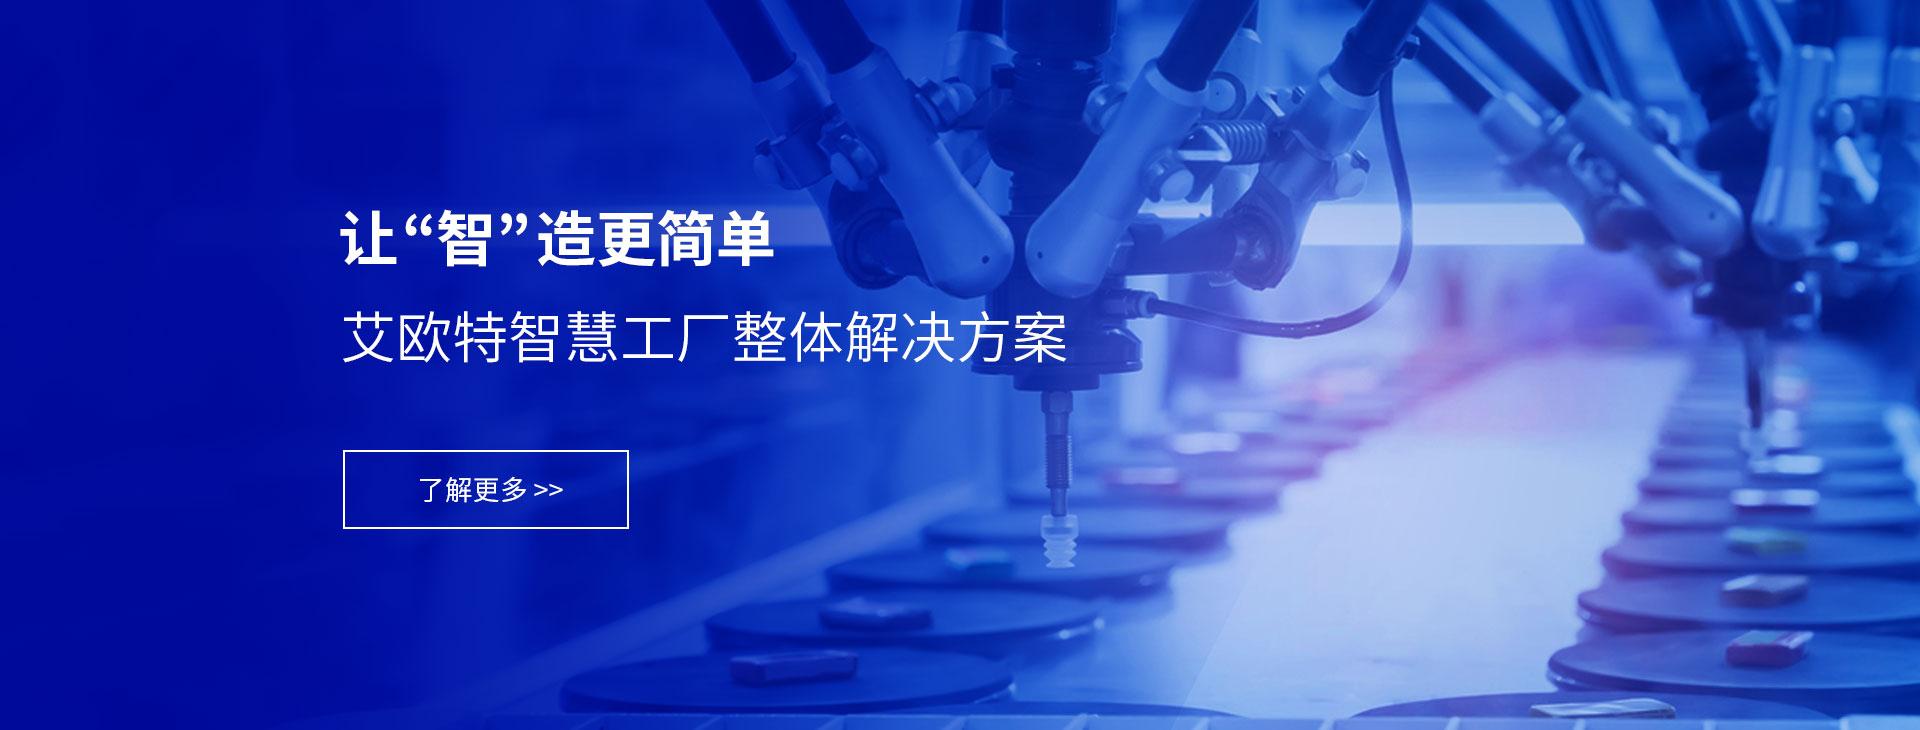 智慧工厂整体解决方案